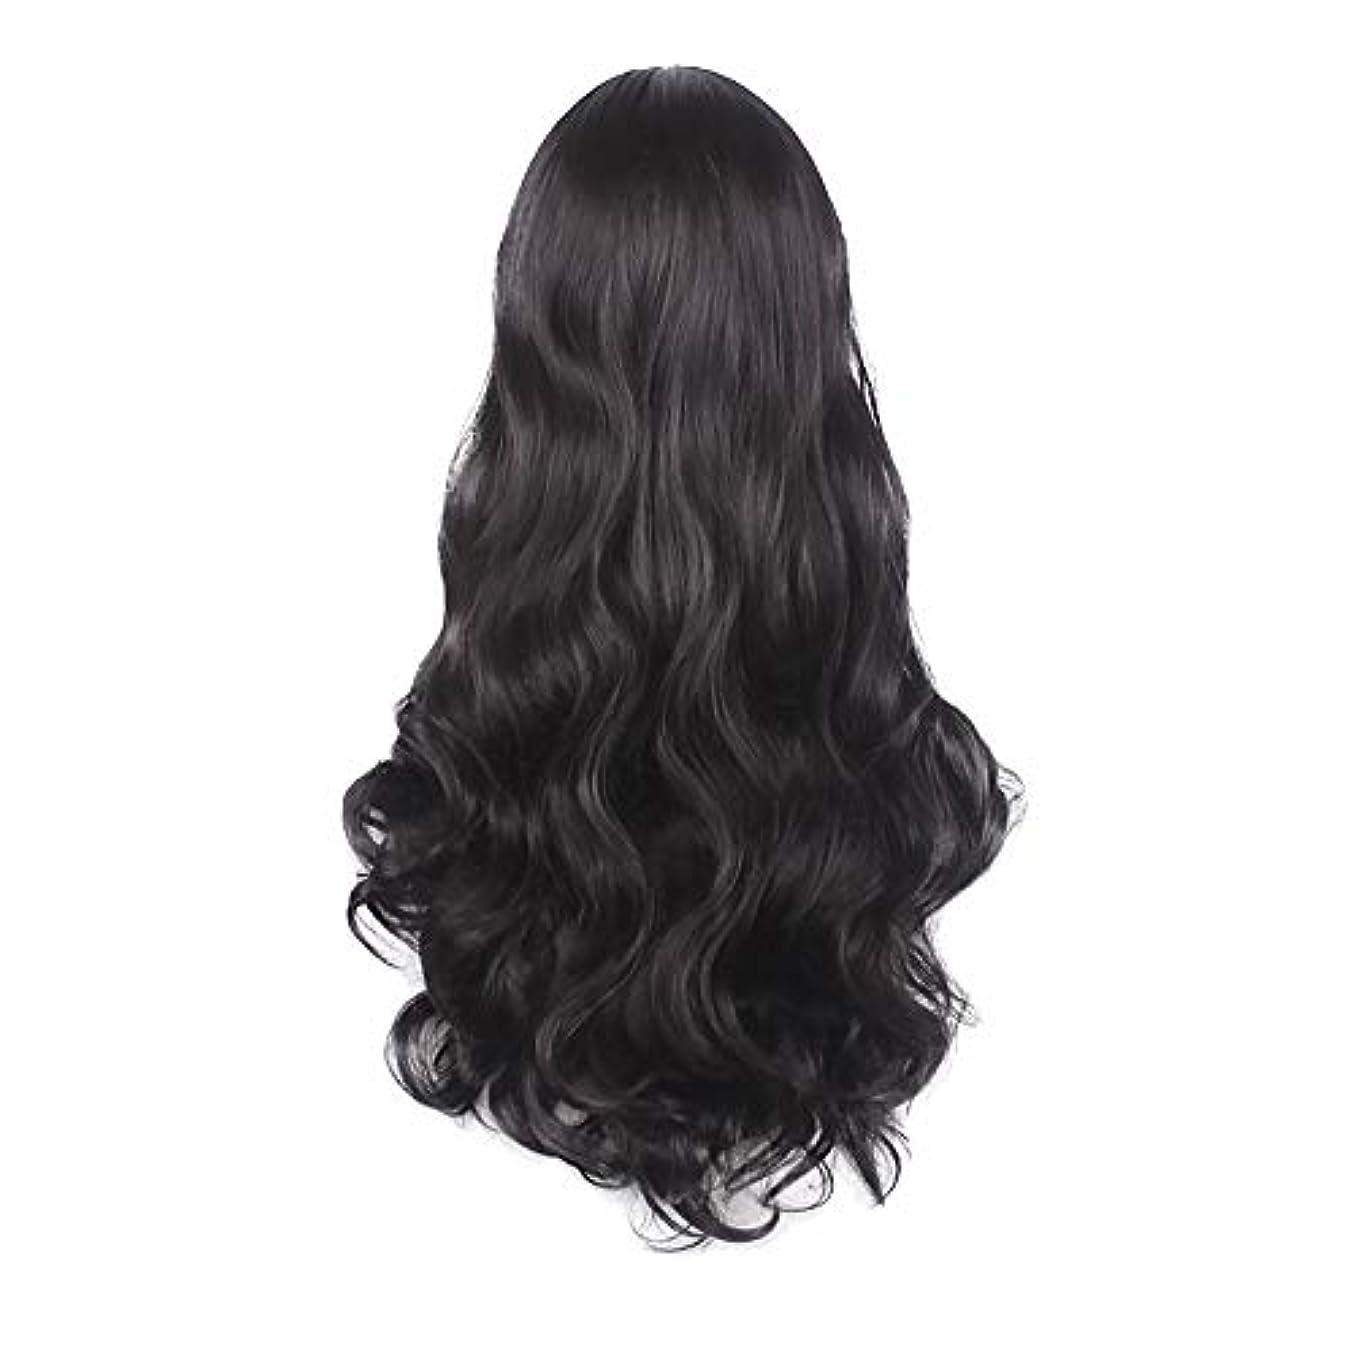 打ち負かす腕イディオム女性の黒の長い波状の巻き毛のかつらパーティーCOS小道具かつらをかつら